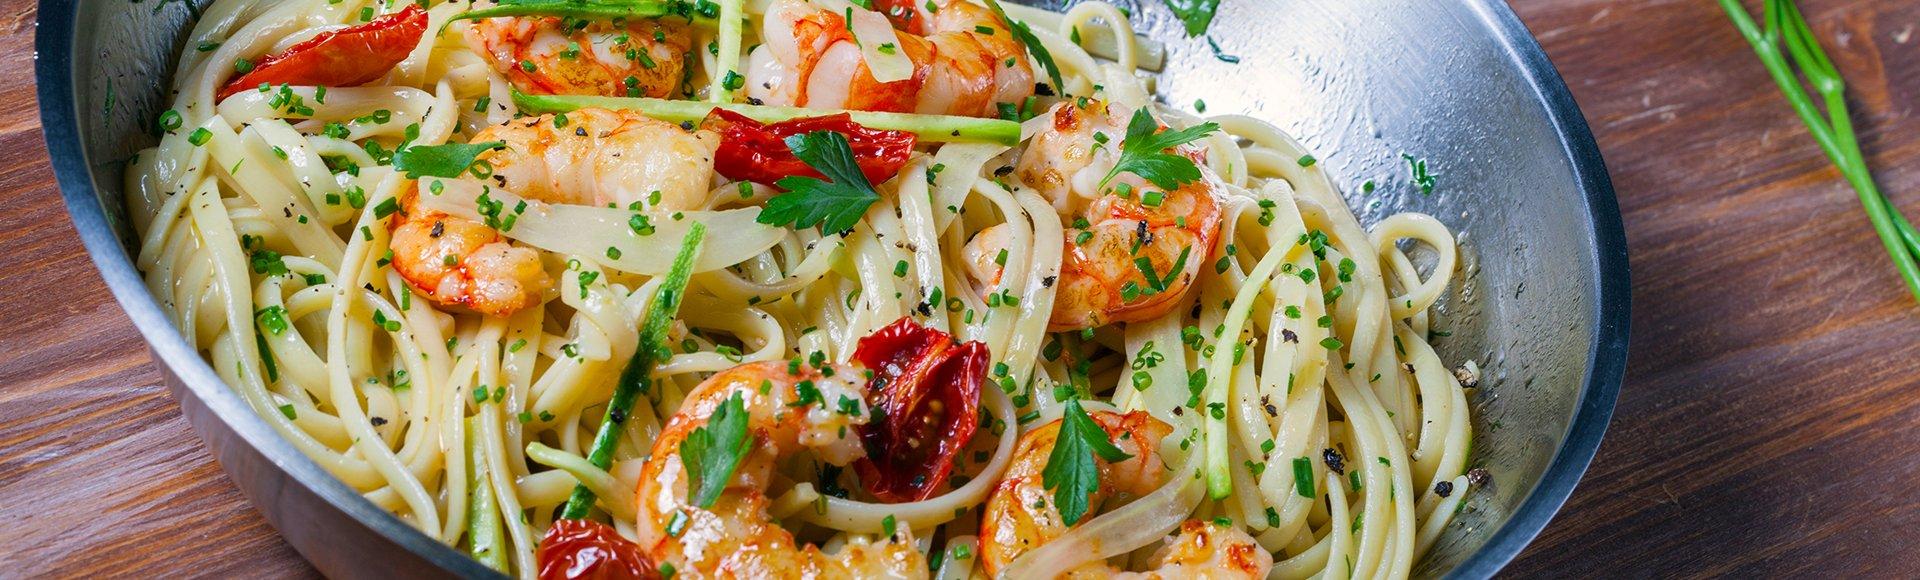 Λιγκουίνι με γαρίδες, κολοκύθι, φινόκιο και λεμόνι